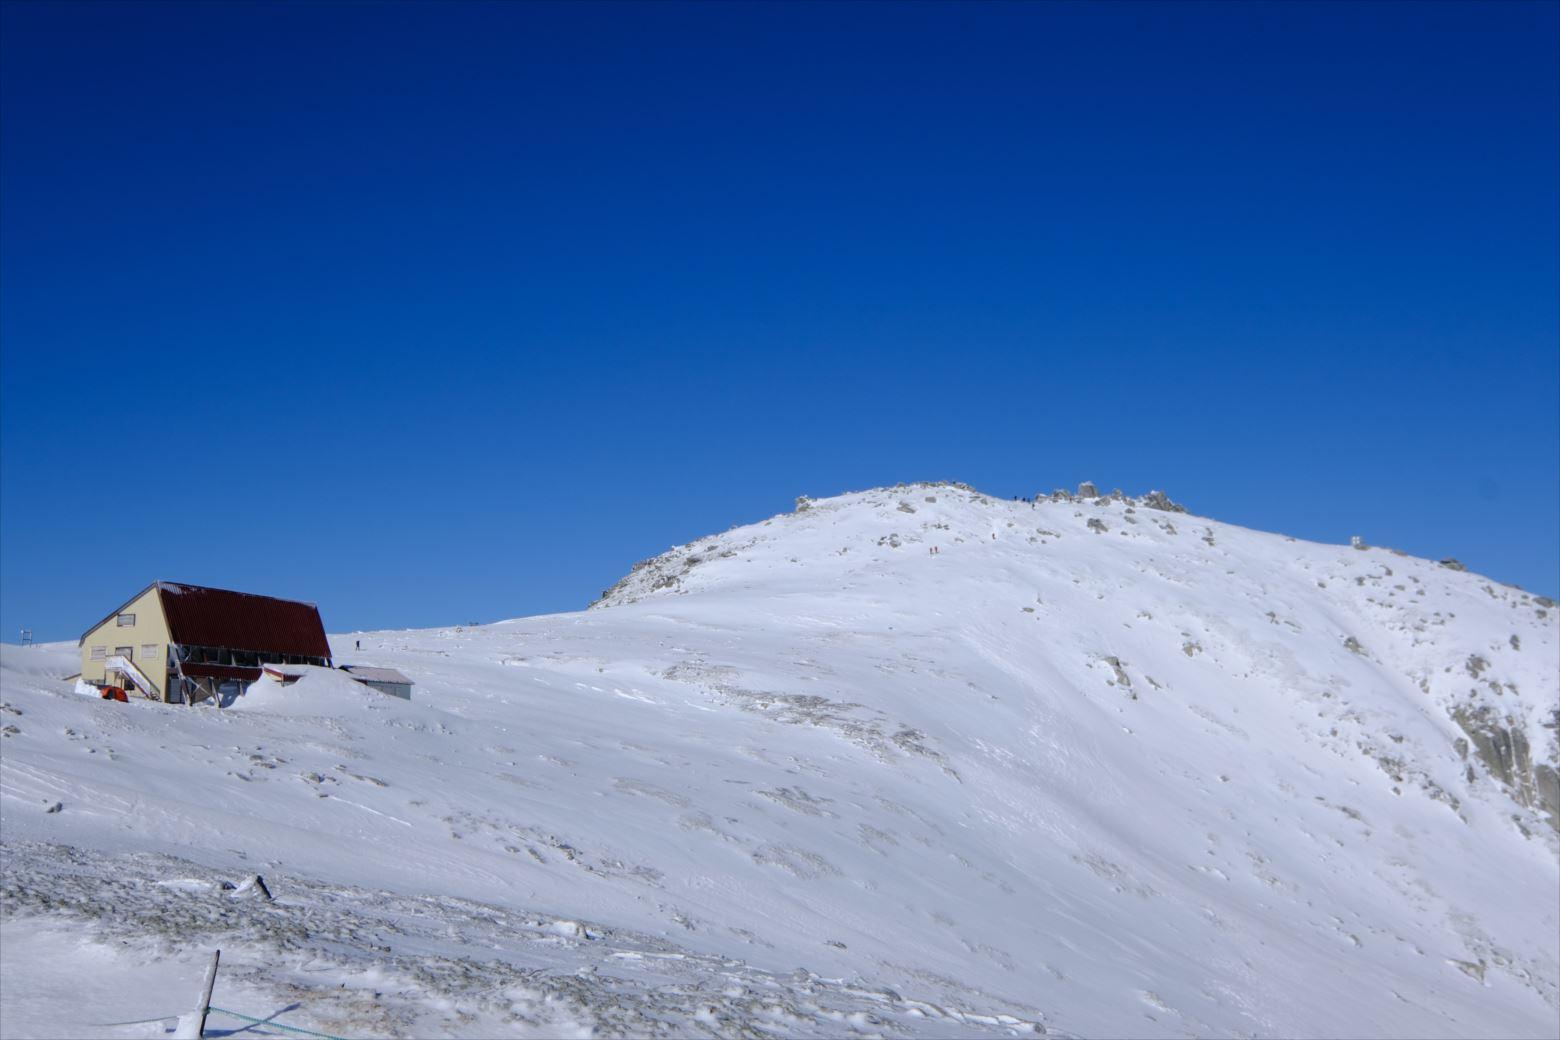 【初冬期・雪山登山】木曽駒ケ岳 (22)